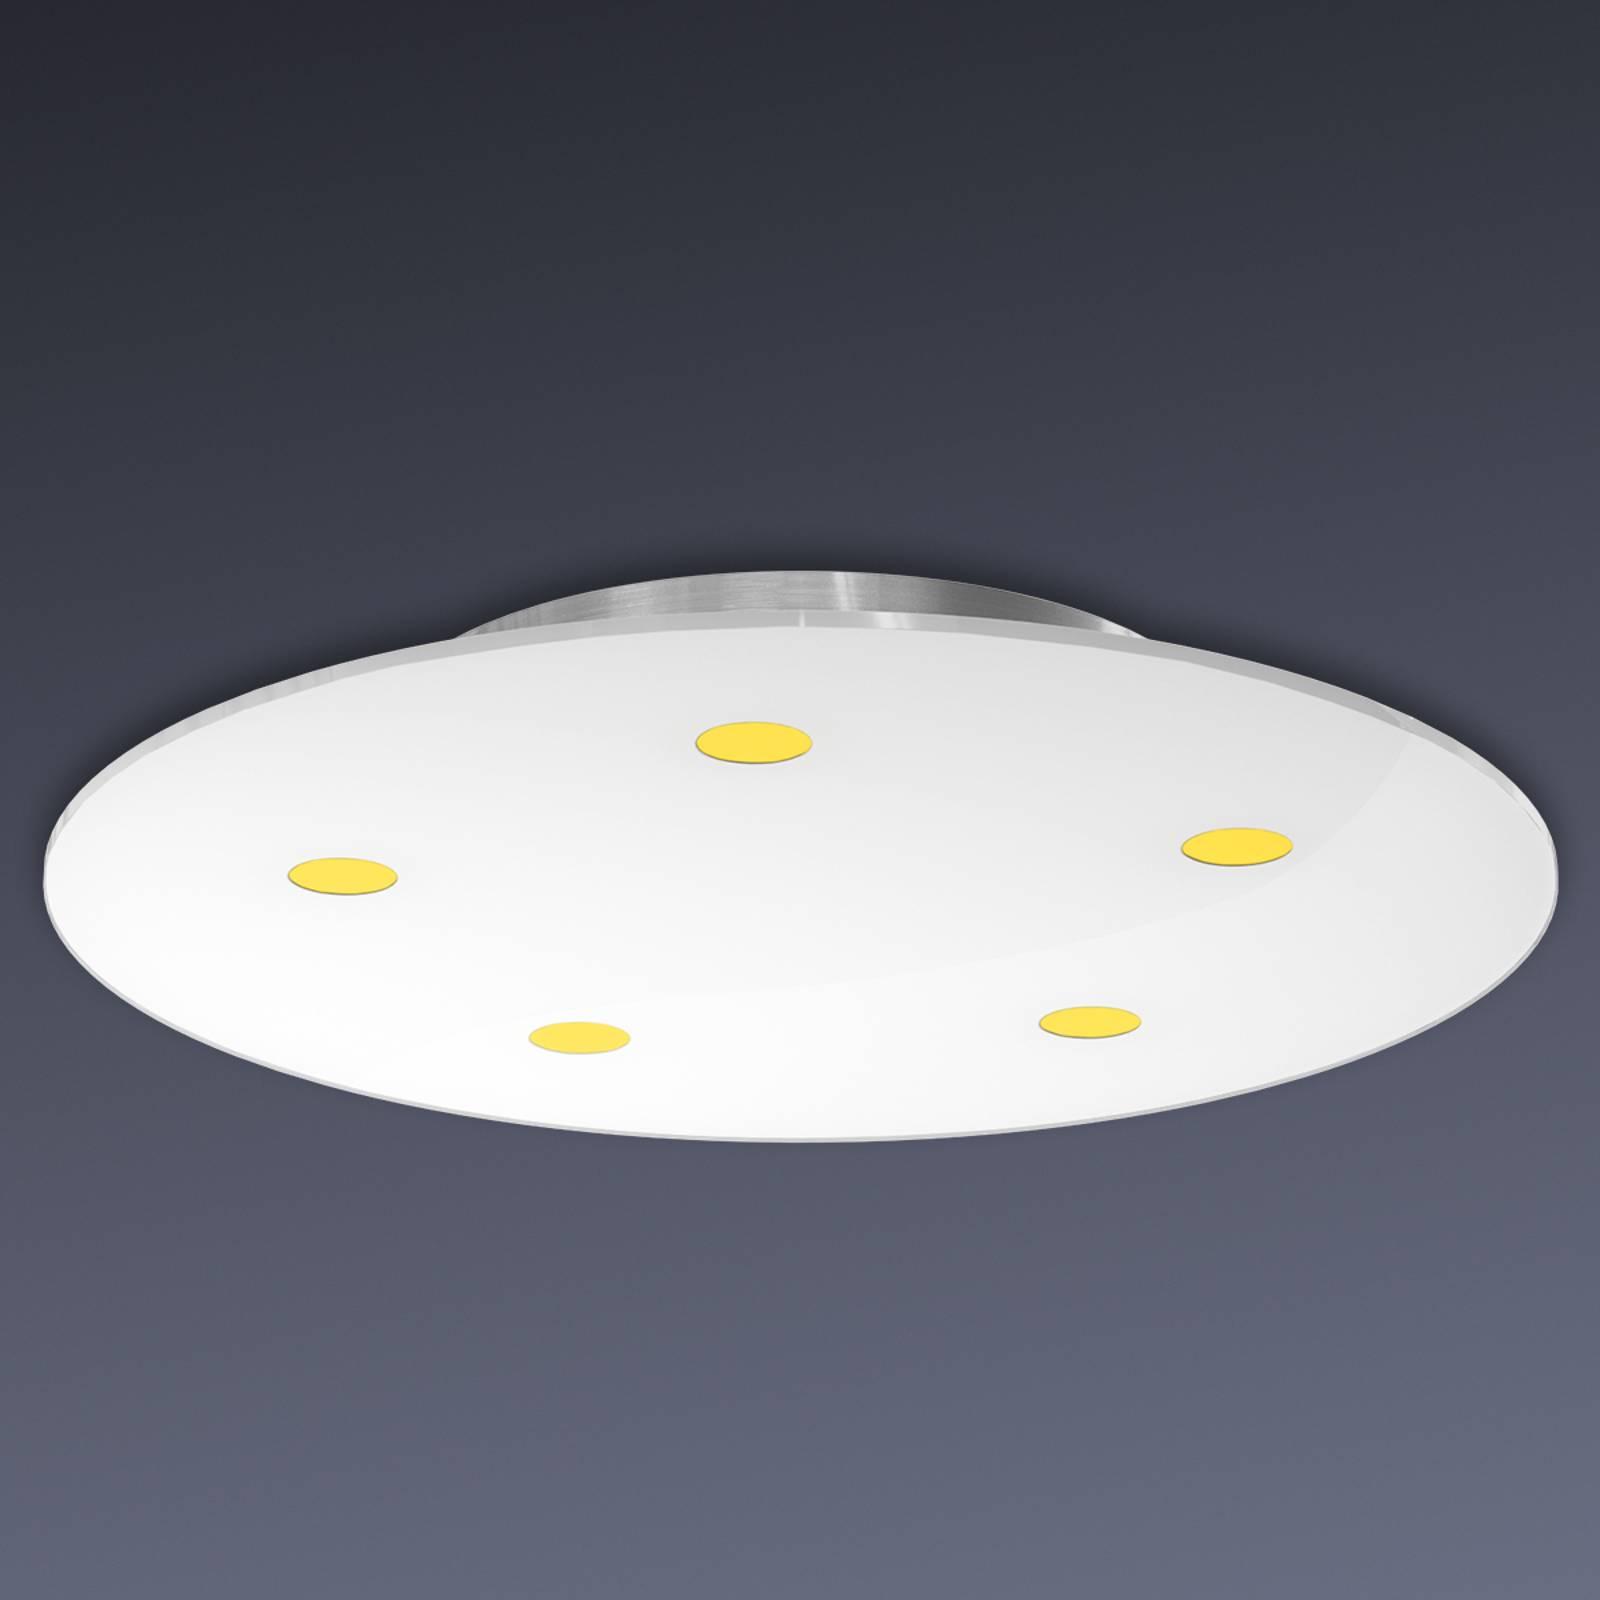 Lampada LED da soffitto Sunia dimmerabile